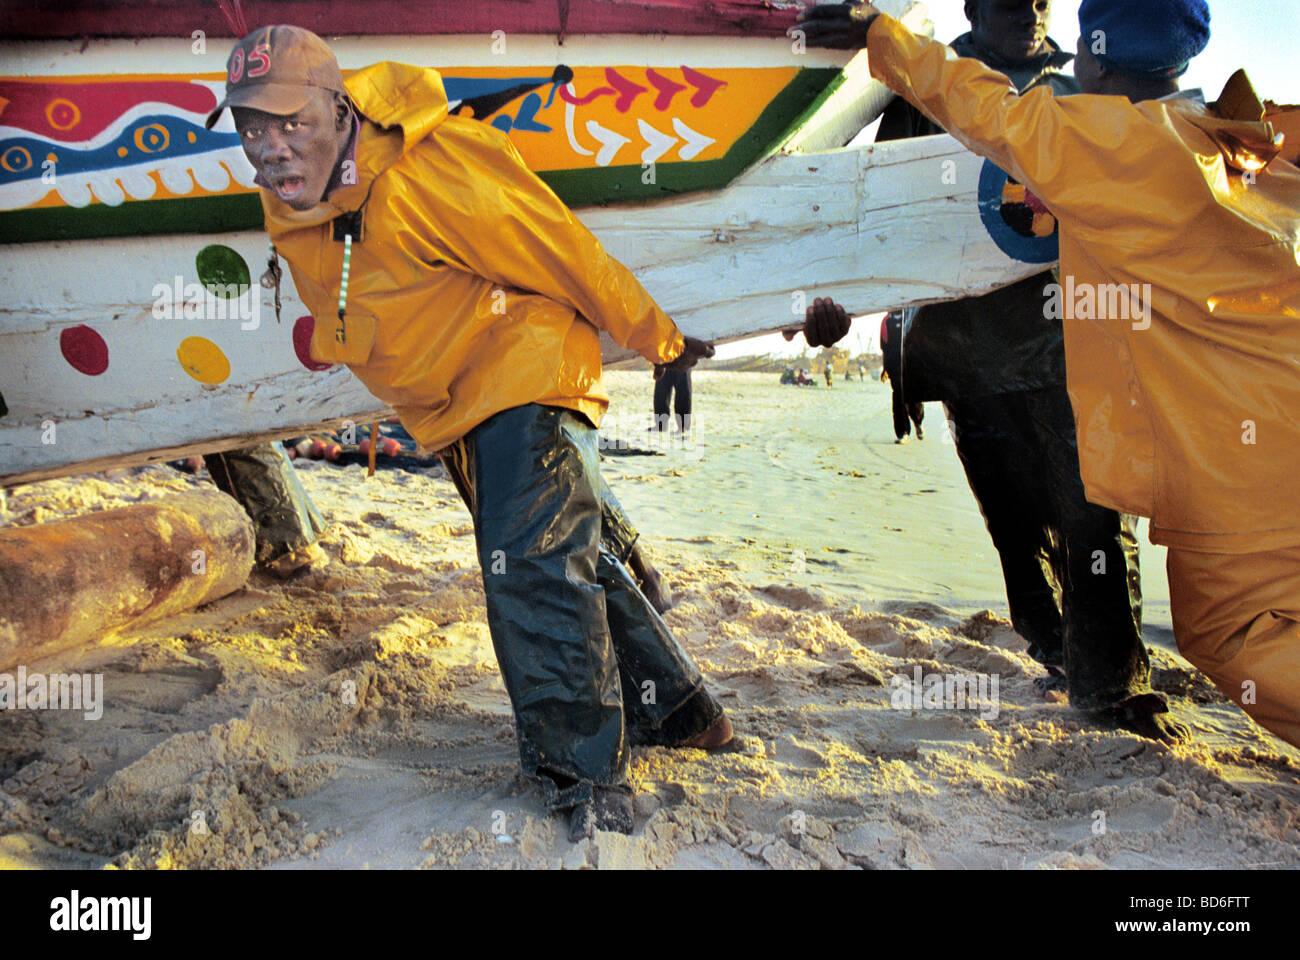 Gli uomini aiutare a spingere una barca sulla battigia in Africa occidentale. (Foto di Ami vitale) Immagini Stock